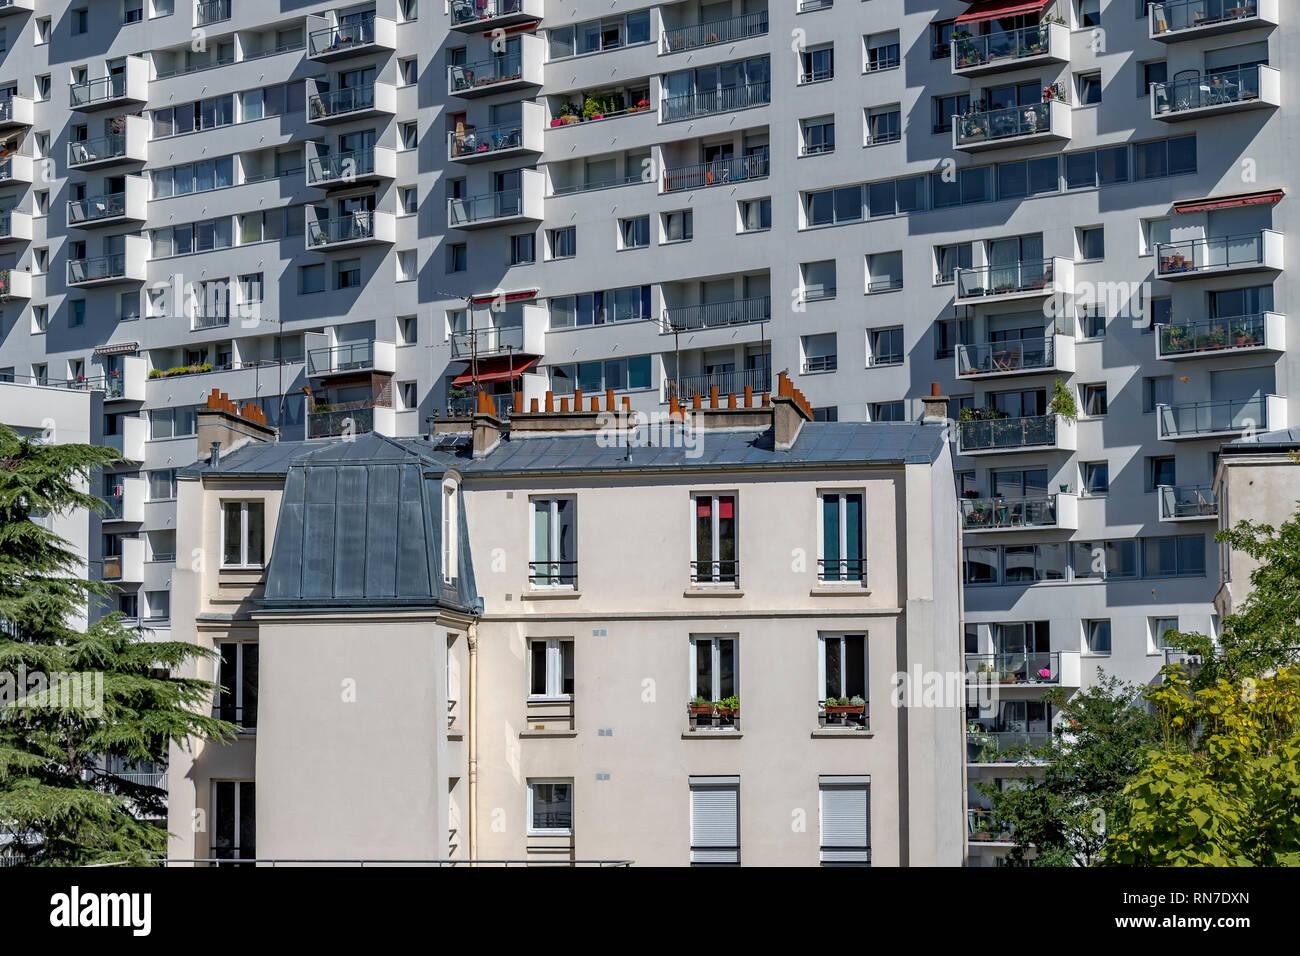 Une maison à Paris éclipsé par un grand bloc d'appartement dans le 12ème arrondissement de Paris,France Banque D'Images